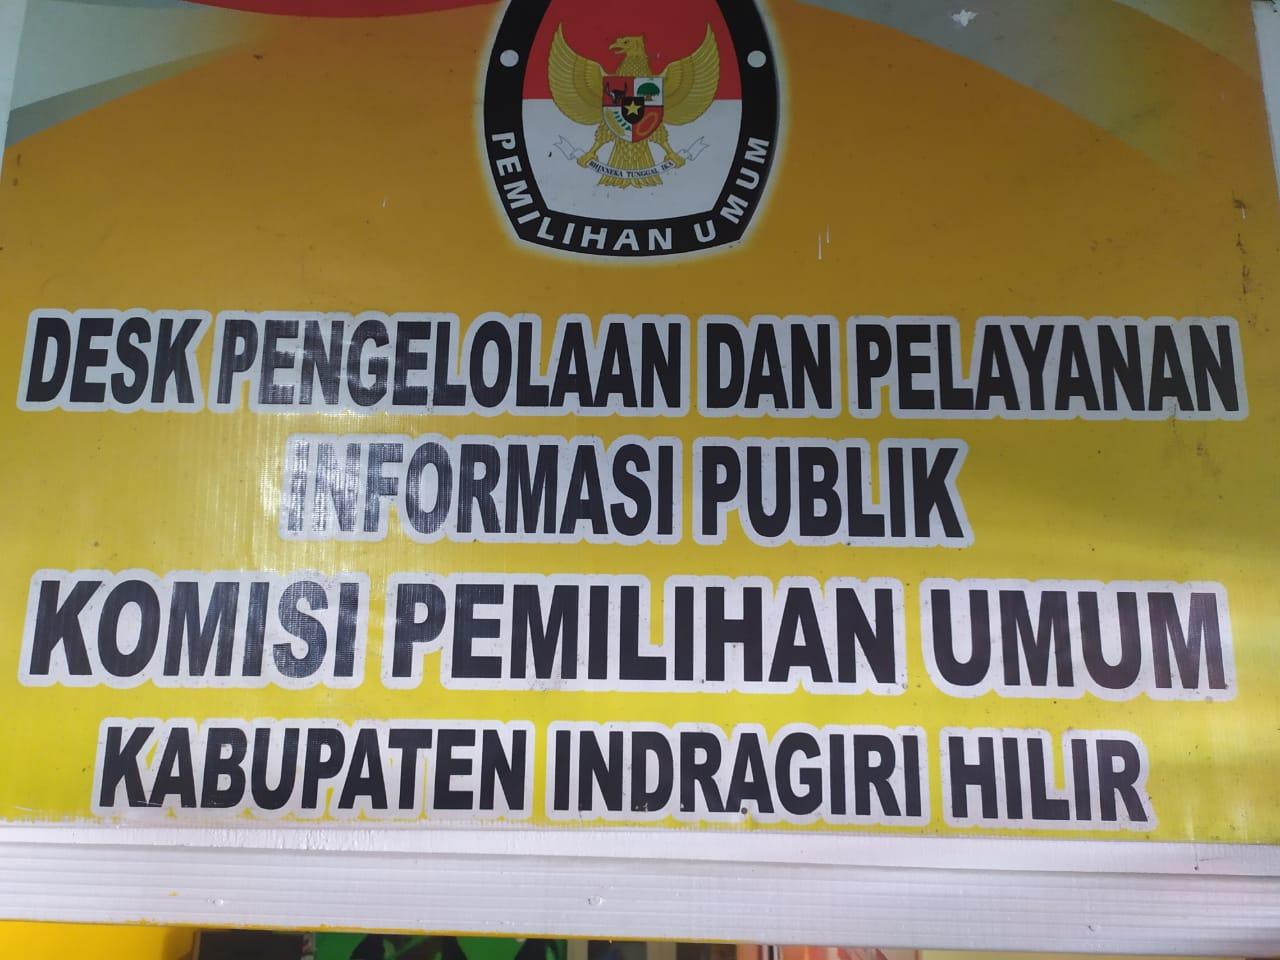 Desk Pengelolaan Dan Pelayanan Informasi Publik KPU Kabupaten Indragiri Hilir